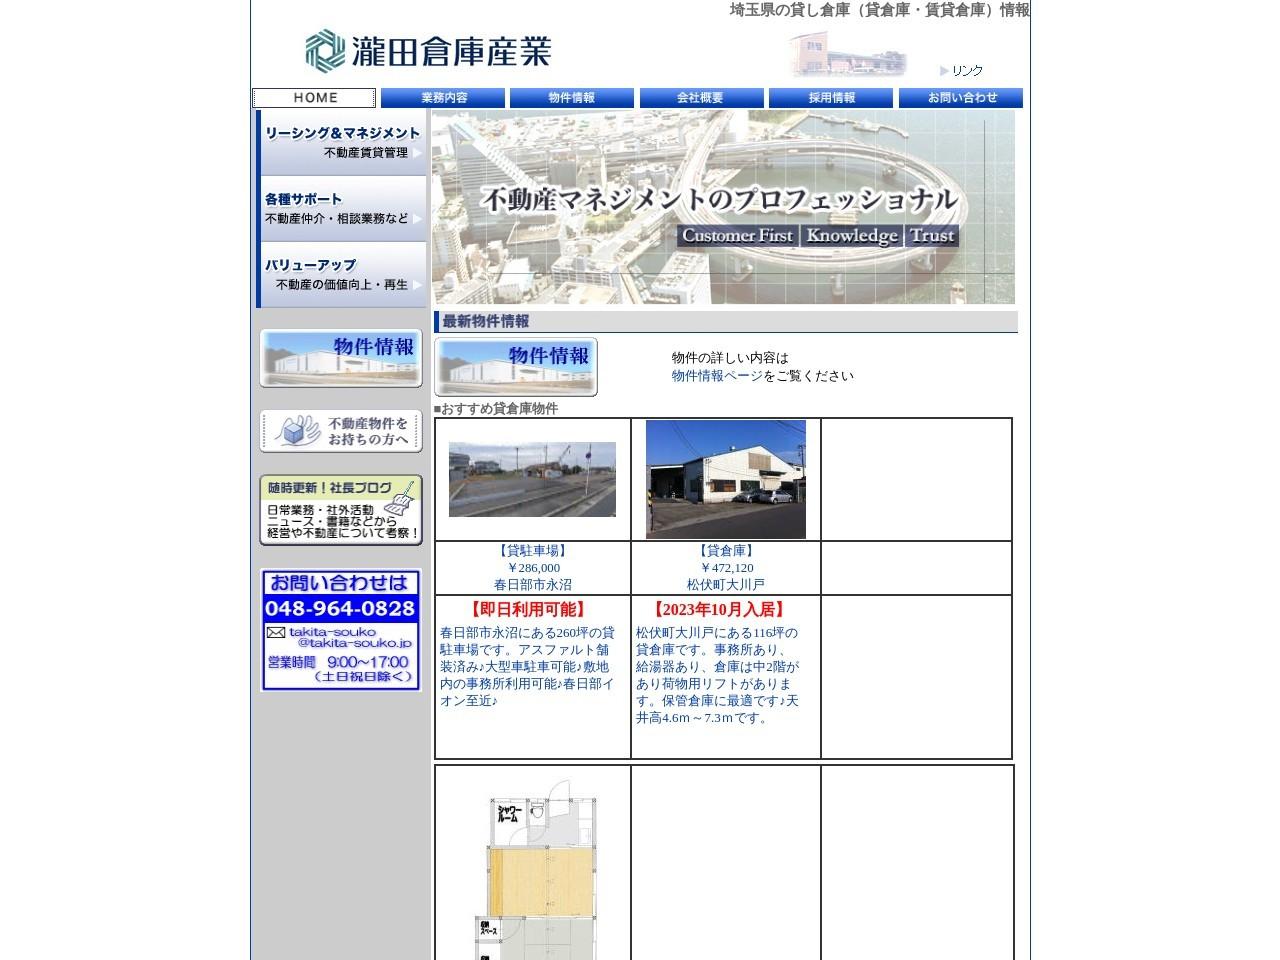 瀧田倉庫産業株式会社